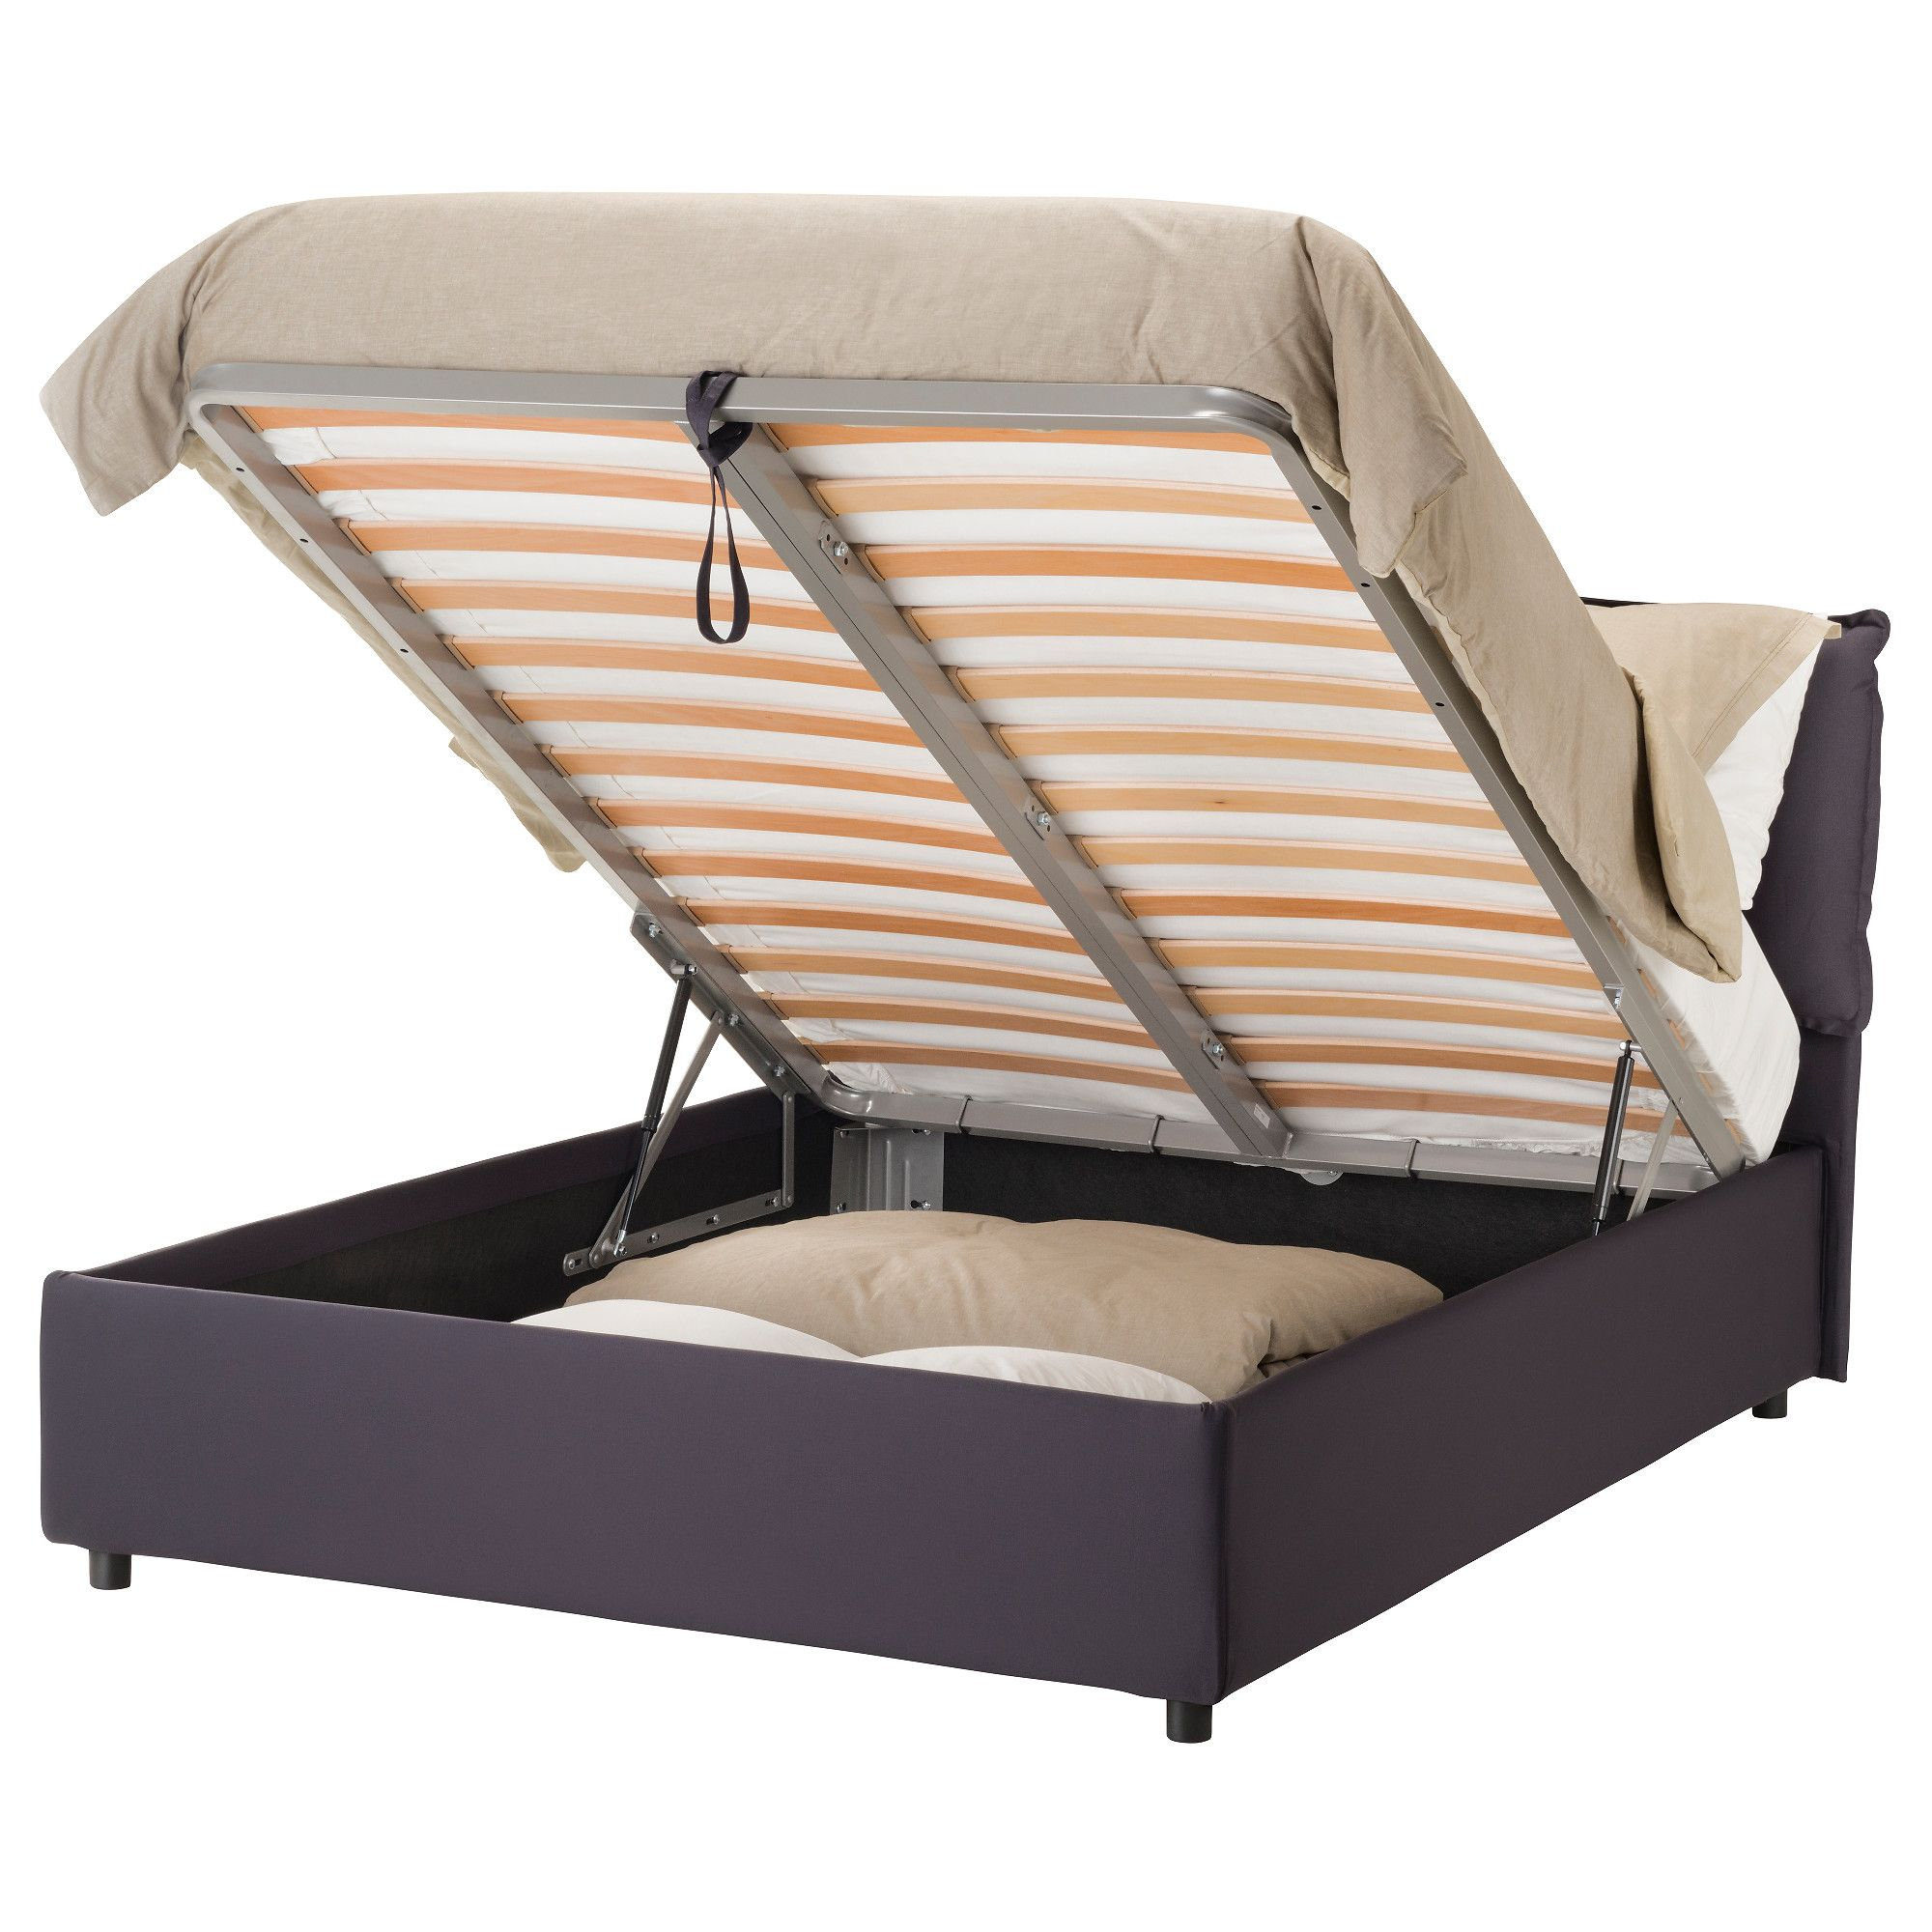 Come arredare una camera da letto piccola le idee salvaspazio immagine 672164 bigodino for Ikea letto 1 piazza e mezza